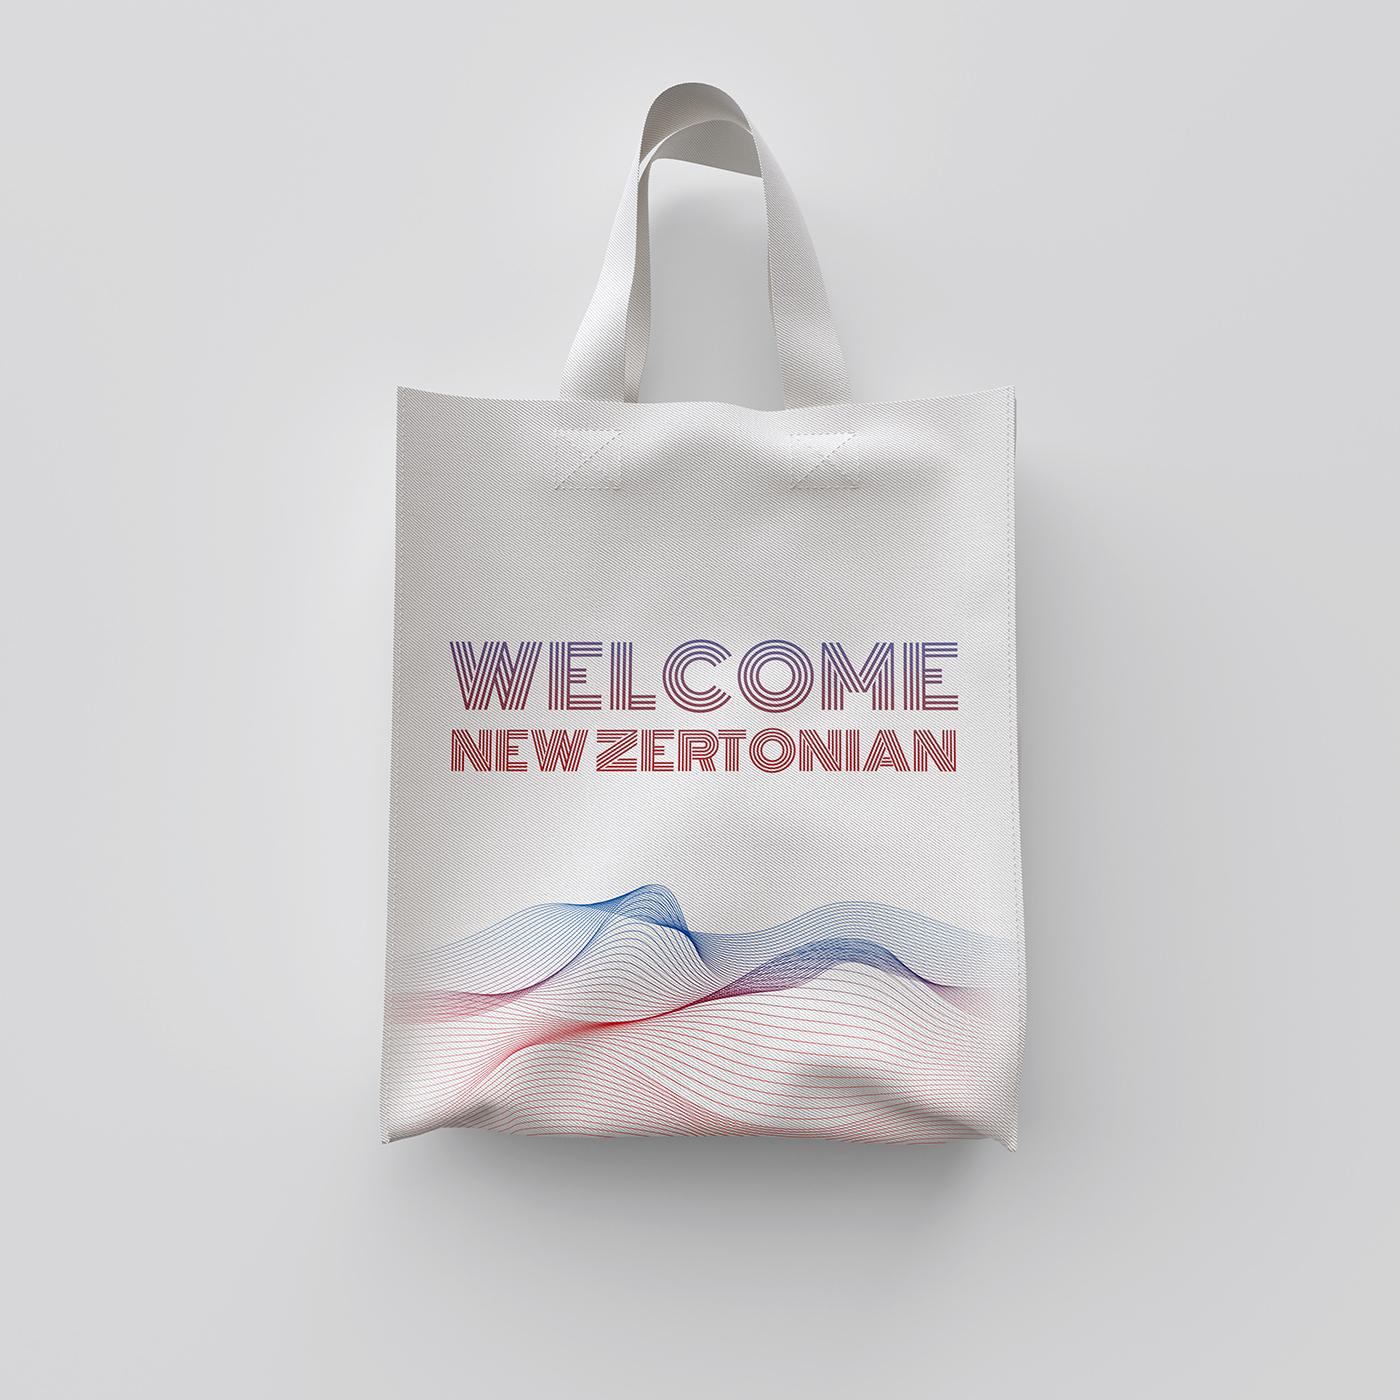 עיצוב לחברה, מתנה לעובדים, משאבי אנוש, זרטו, דפוס, תיק בד מודפס